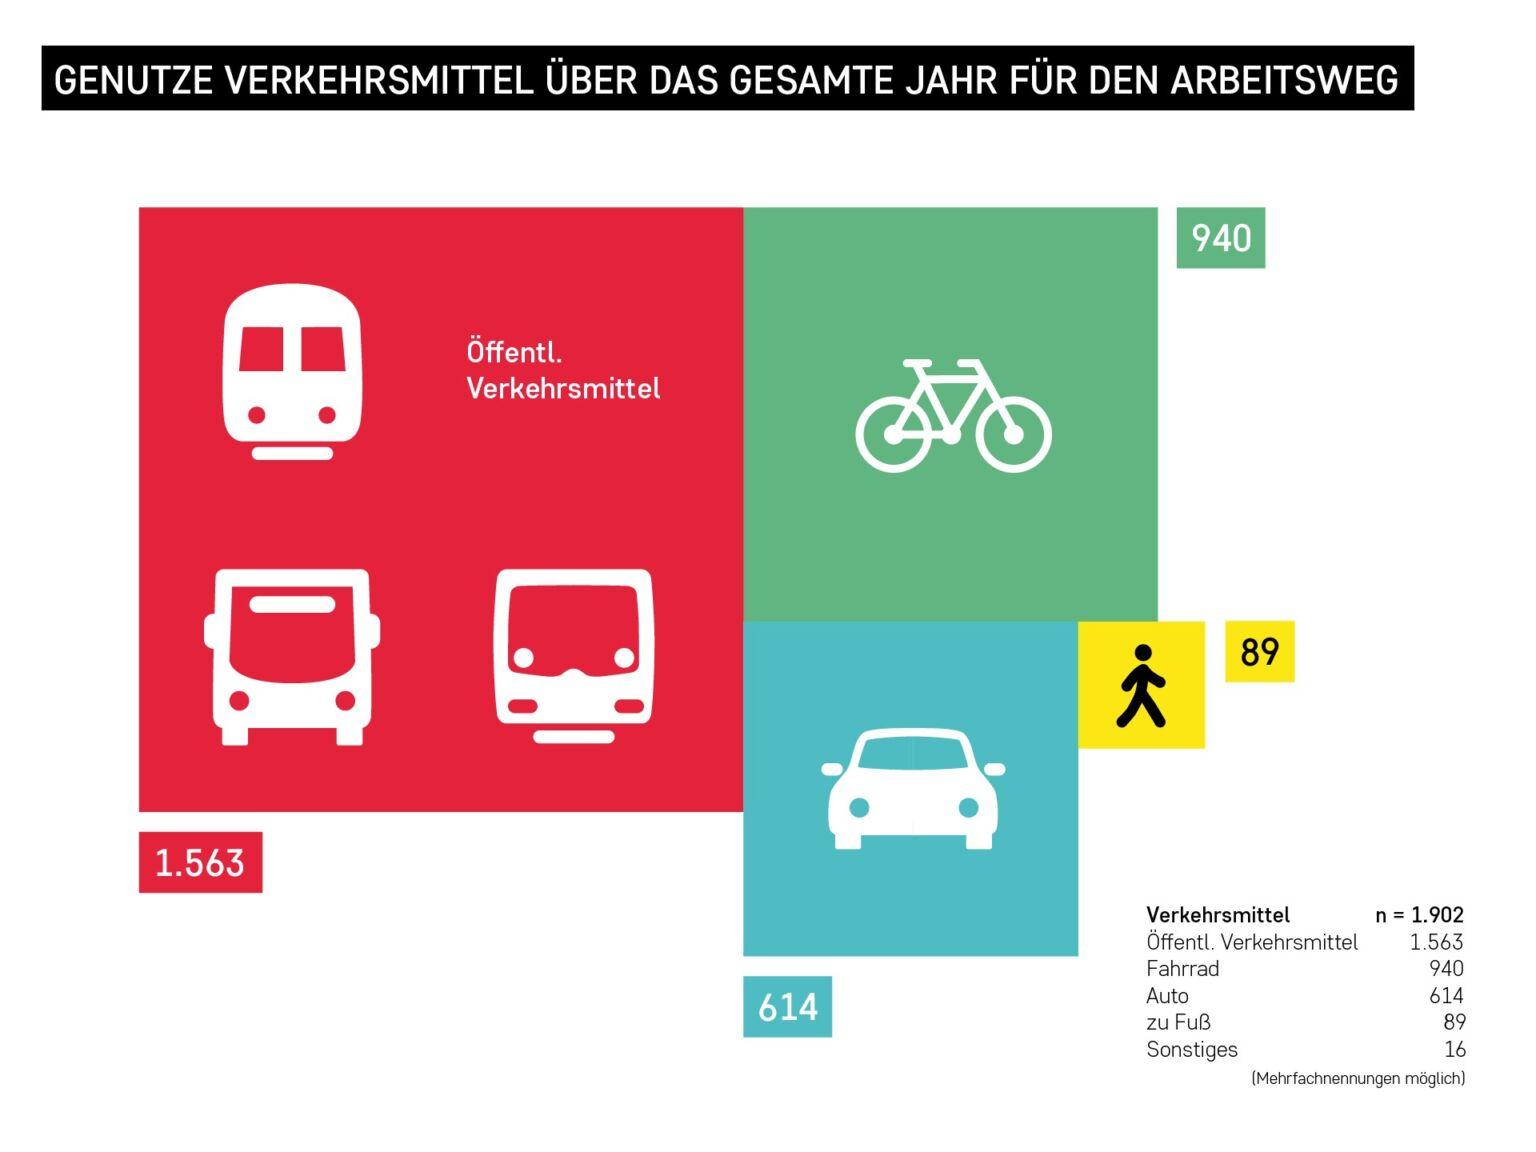 Potsdam Science Park - Verkehrsumfrage 2020 - Genutzte Verkehrsmittel für den Arbeitsweg, Grafik: Ferdinand Dorendorf